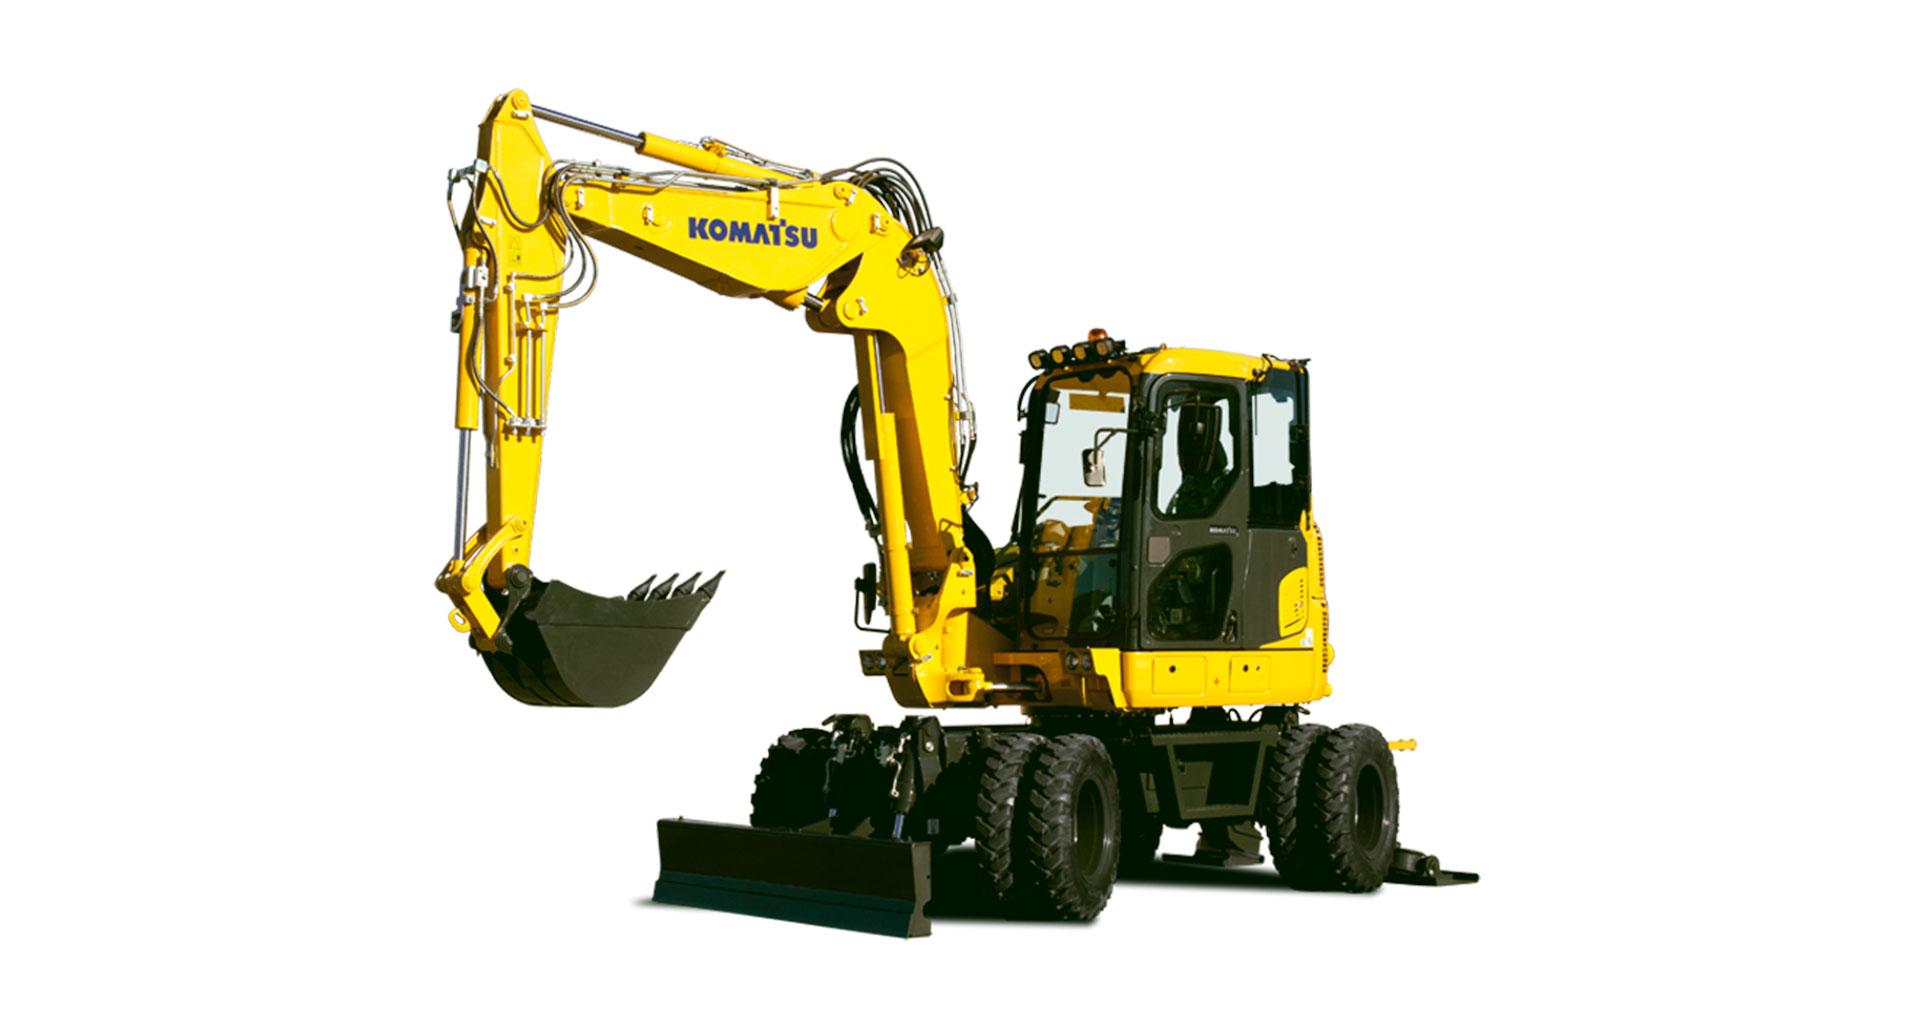 Escavatore gommato compatto Komatsu PW98MR-10